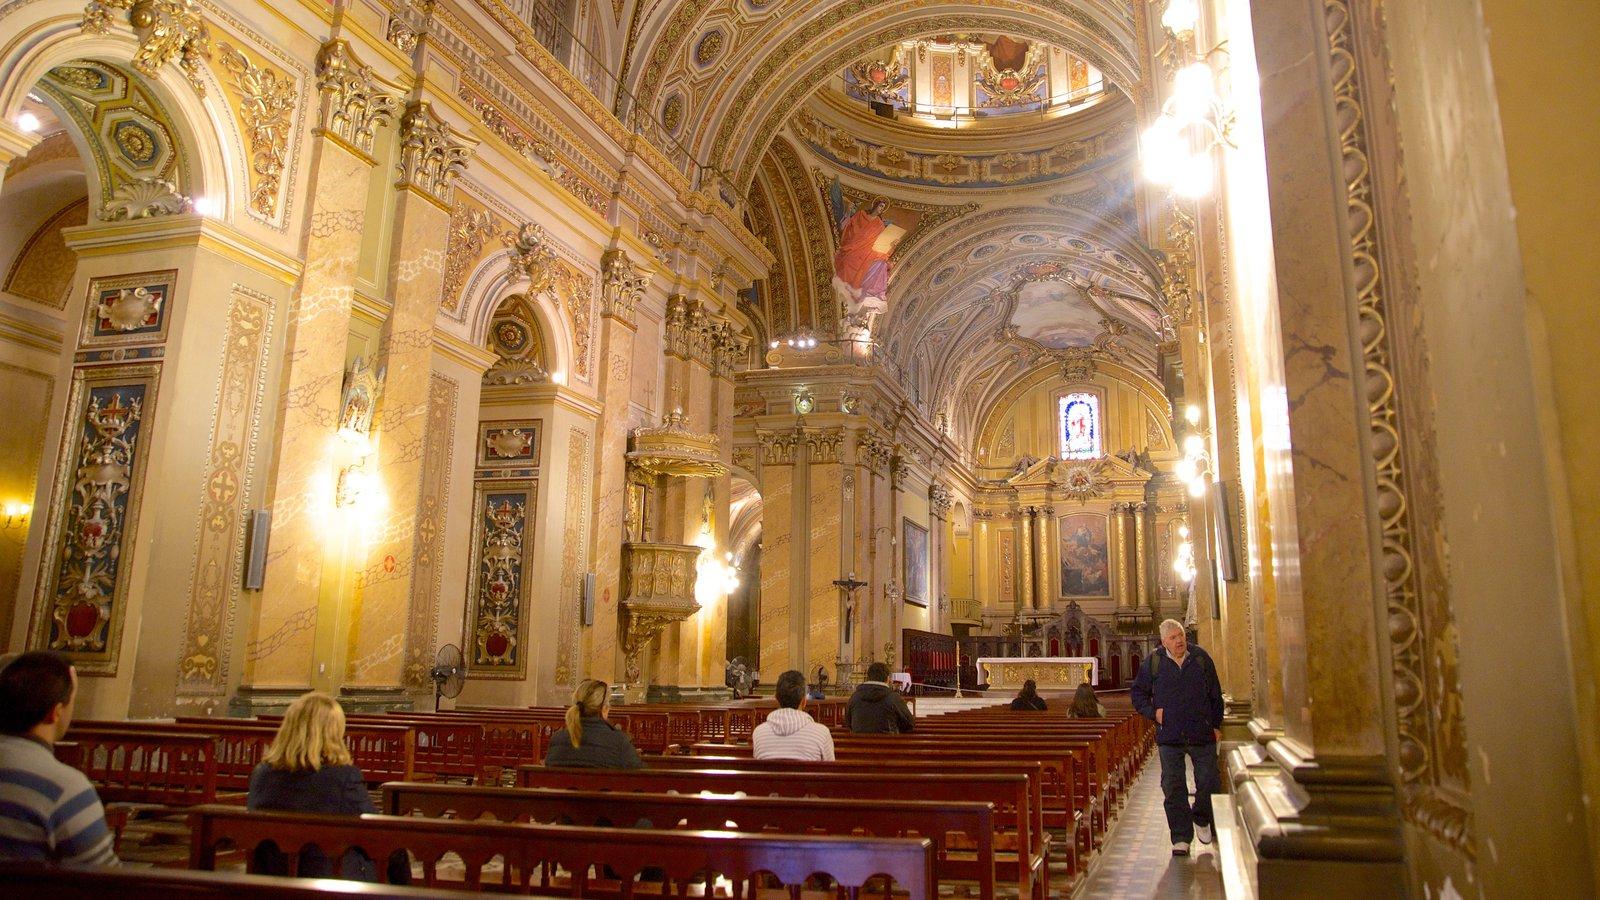 Catedral de Cordoba mostrando vistas internas, uma igreja ou catedral e aspectos religiosos